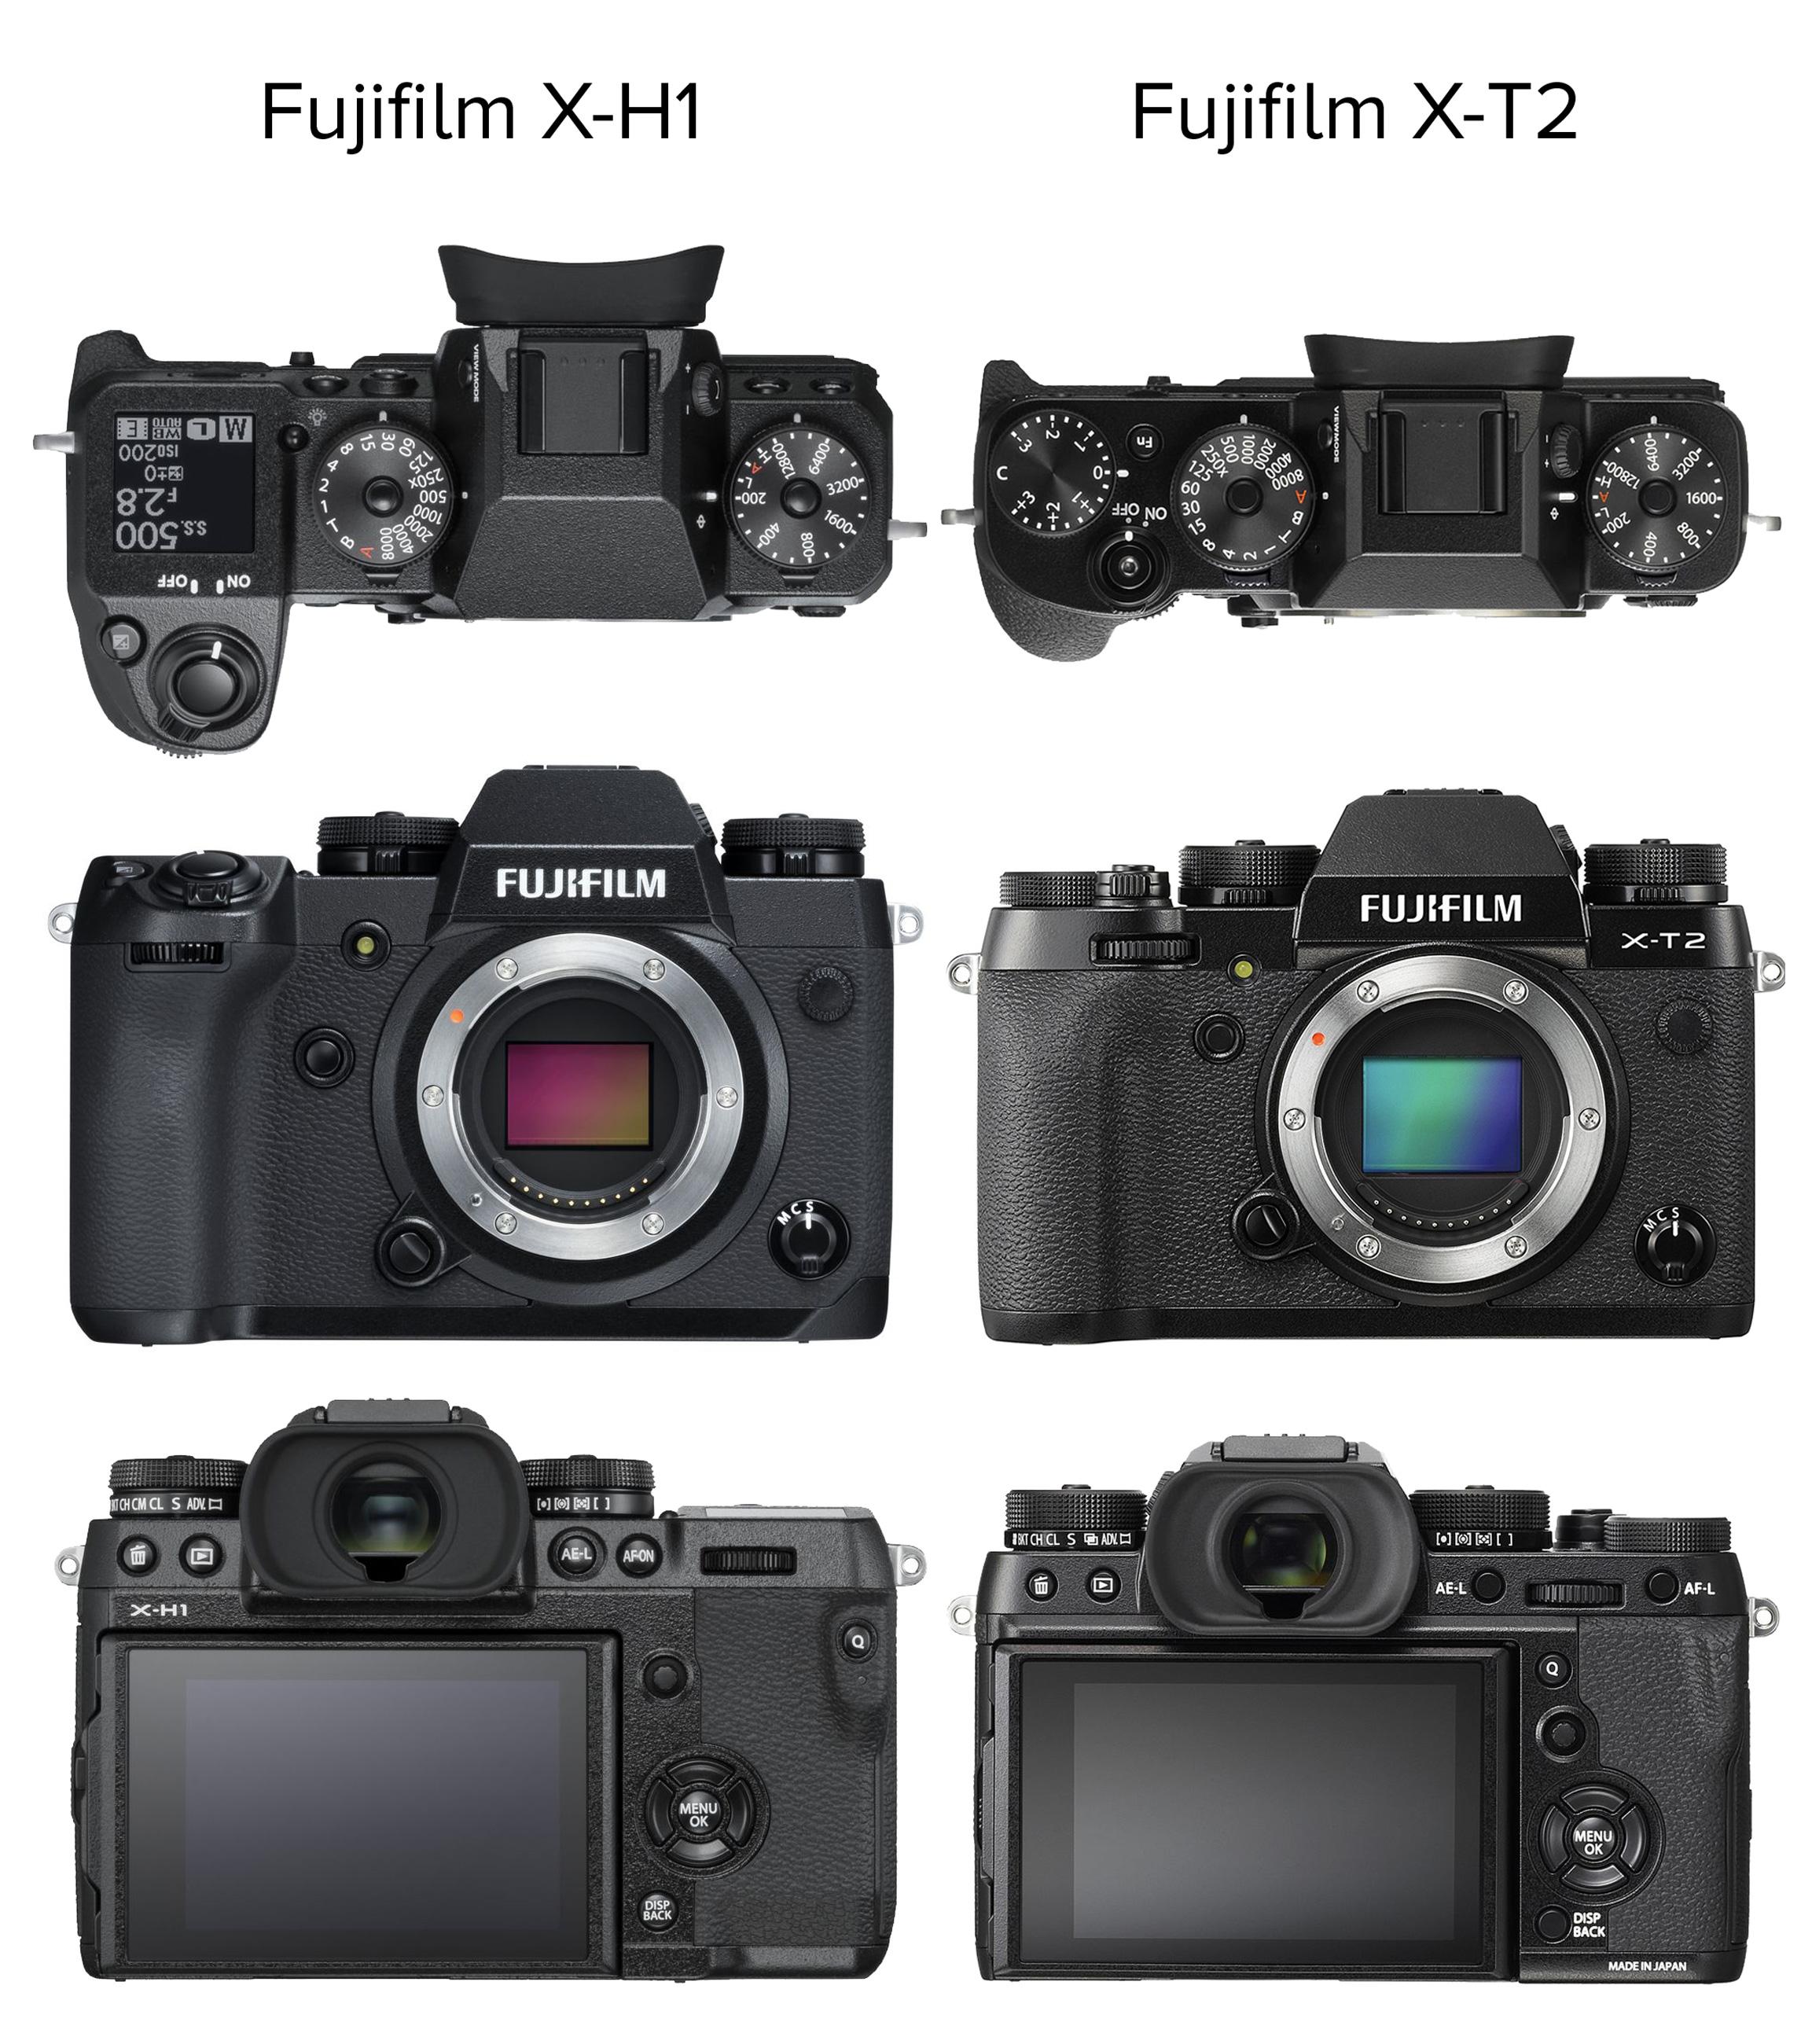 Größenvergleich Systemkameras XT2 XH1